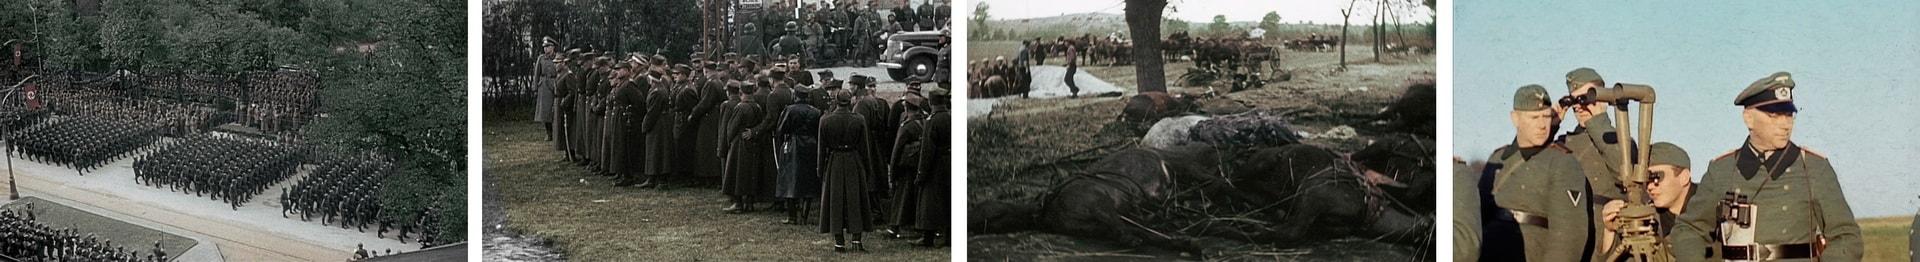 Польская кампания Вермахта сентябрь 1939